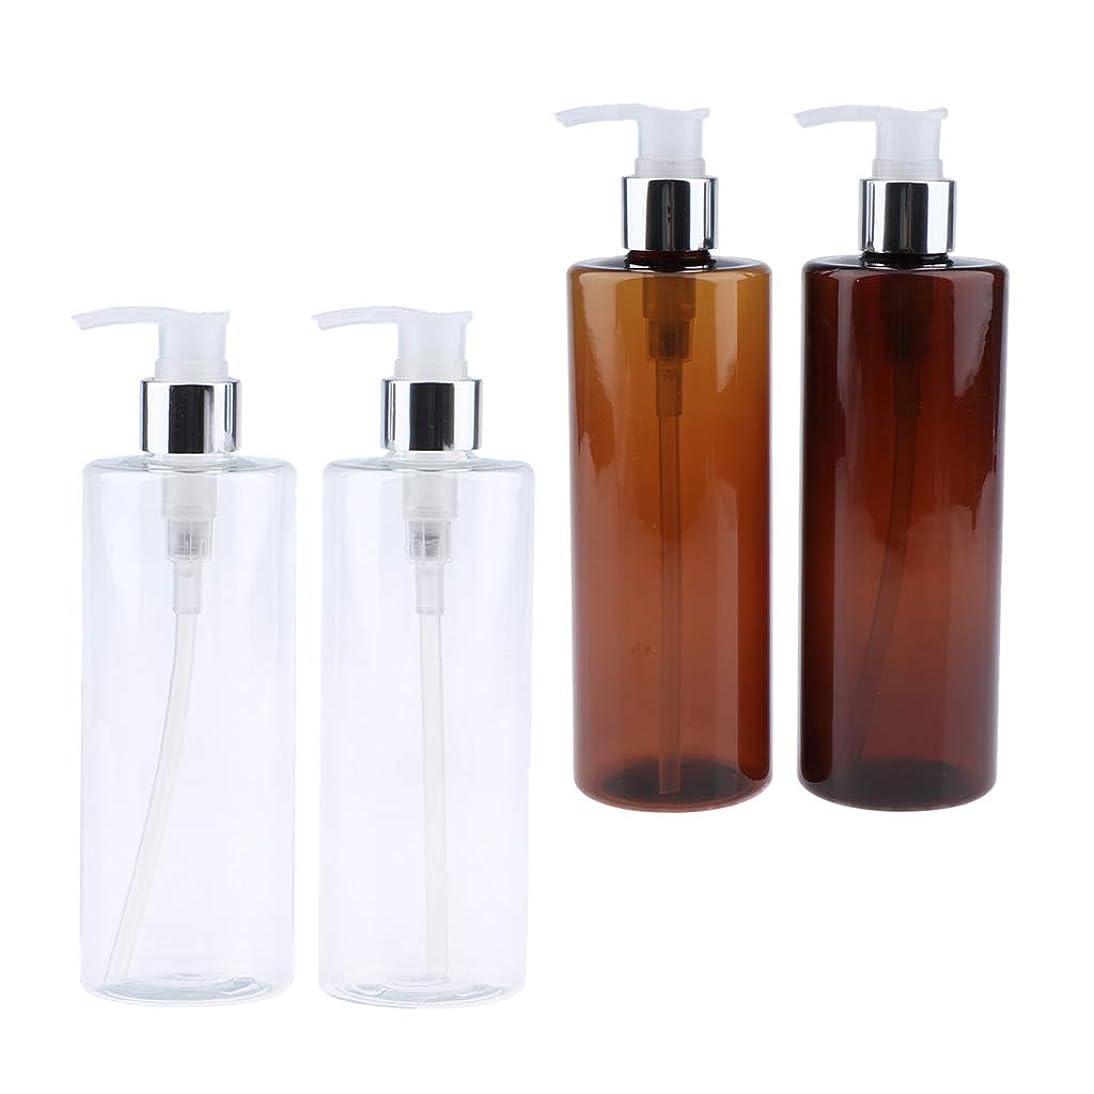 先見の明ながら宙返りボトル 容器 化粧水 350ml 詰替え容器 液体 シャンプー 洗剤用容器 浴室 バス 洗面所